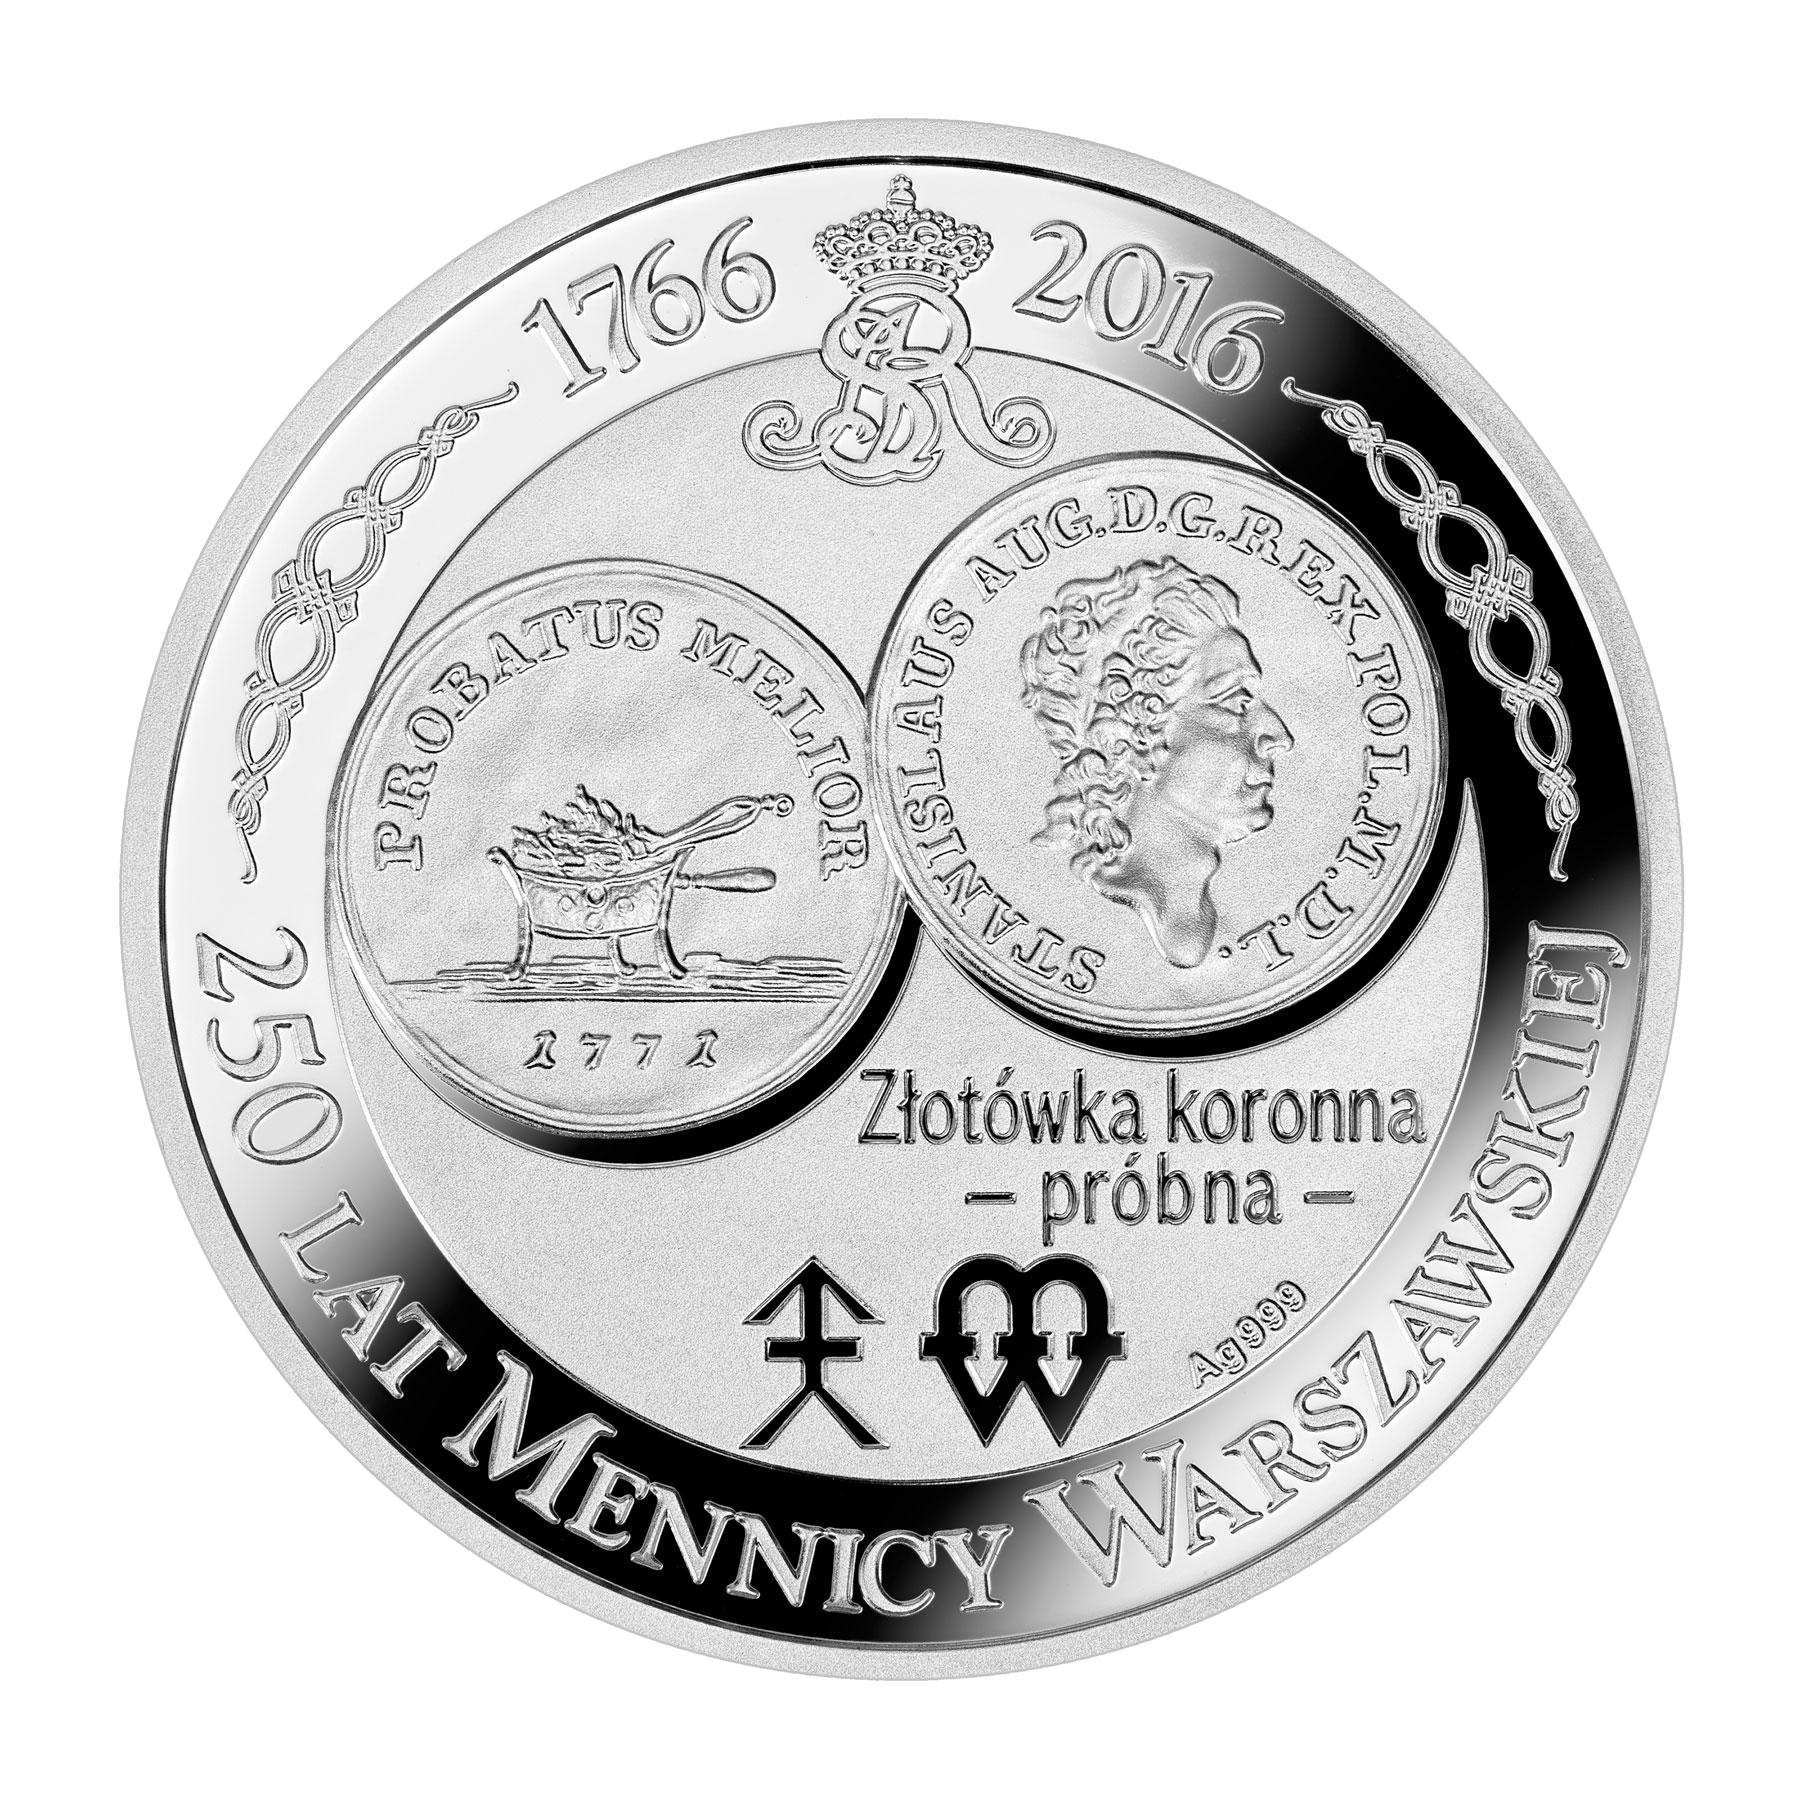 Złotówka koronna – próbna, Seria: 250 lat Mennicy Warszawskiej